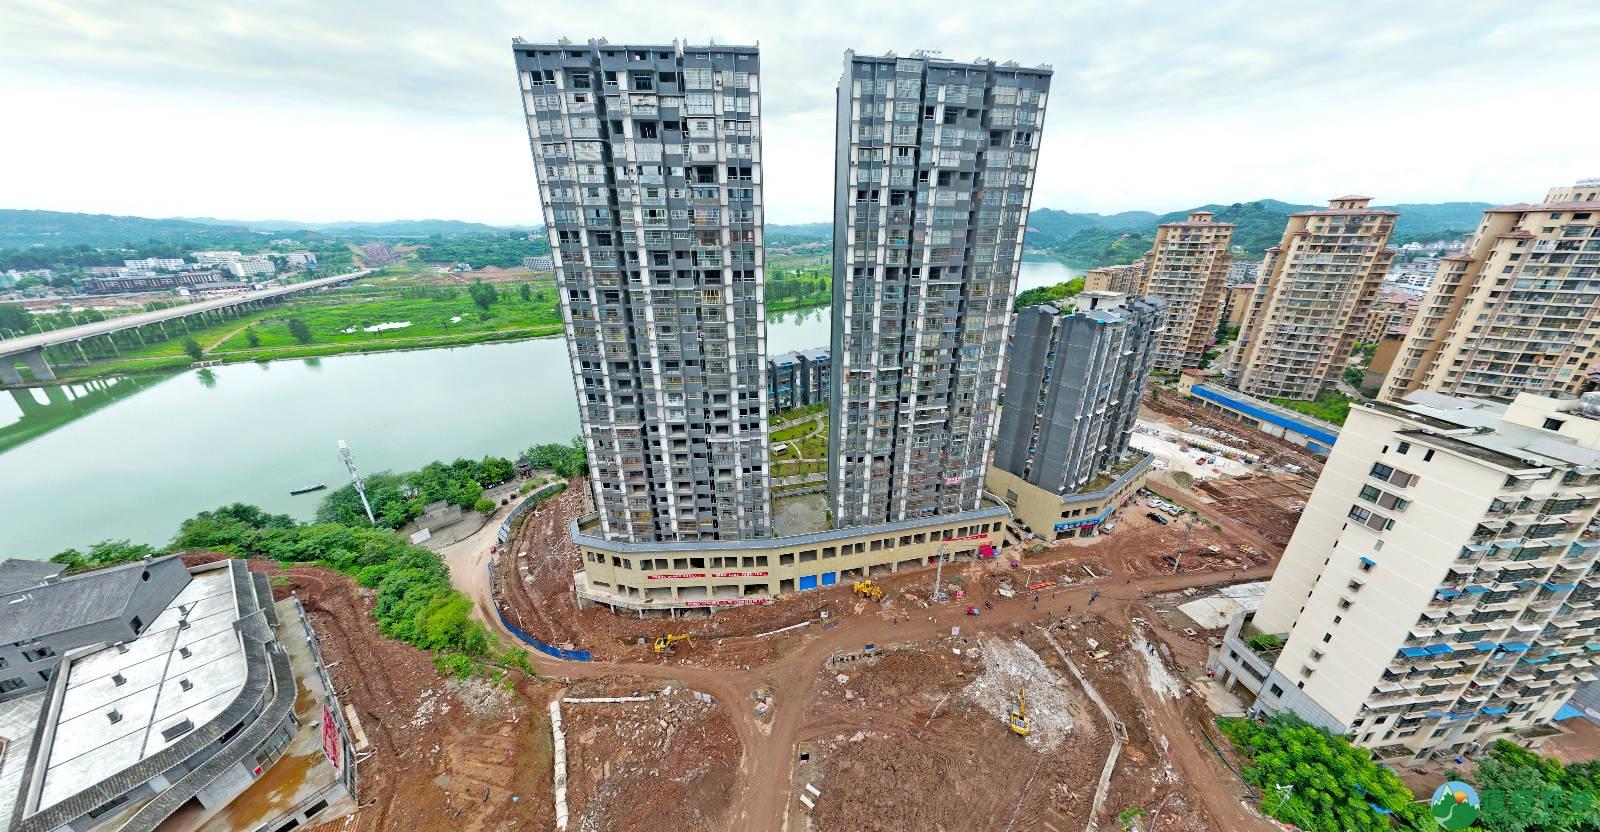 蓬安县嘉陵西路改建工程进展(2019-06-16) - 第4张  | 蓬安在线